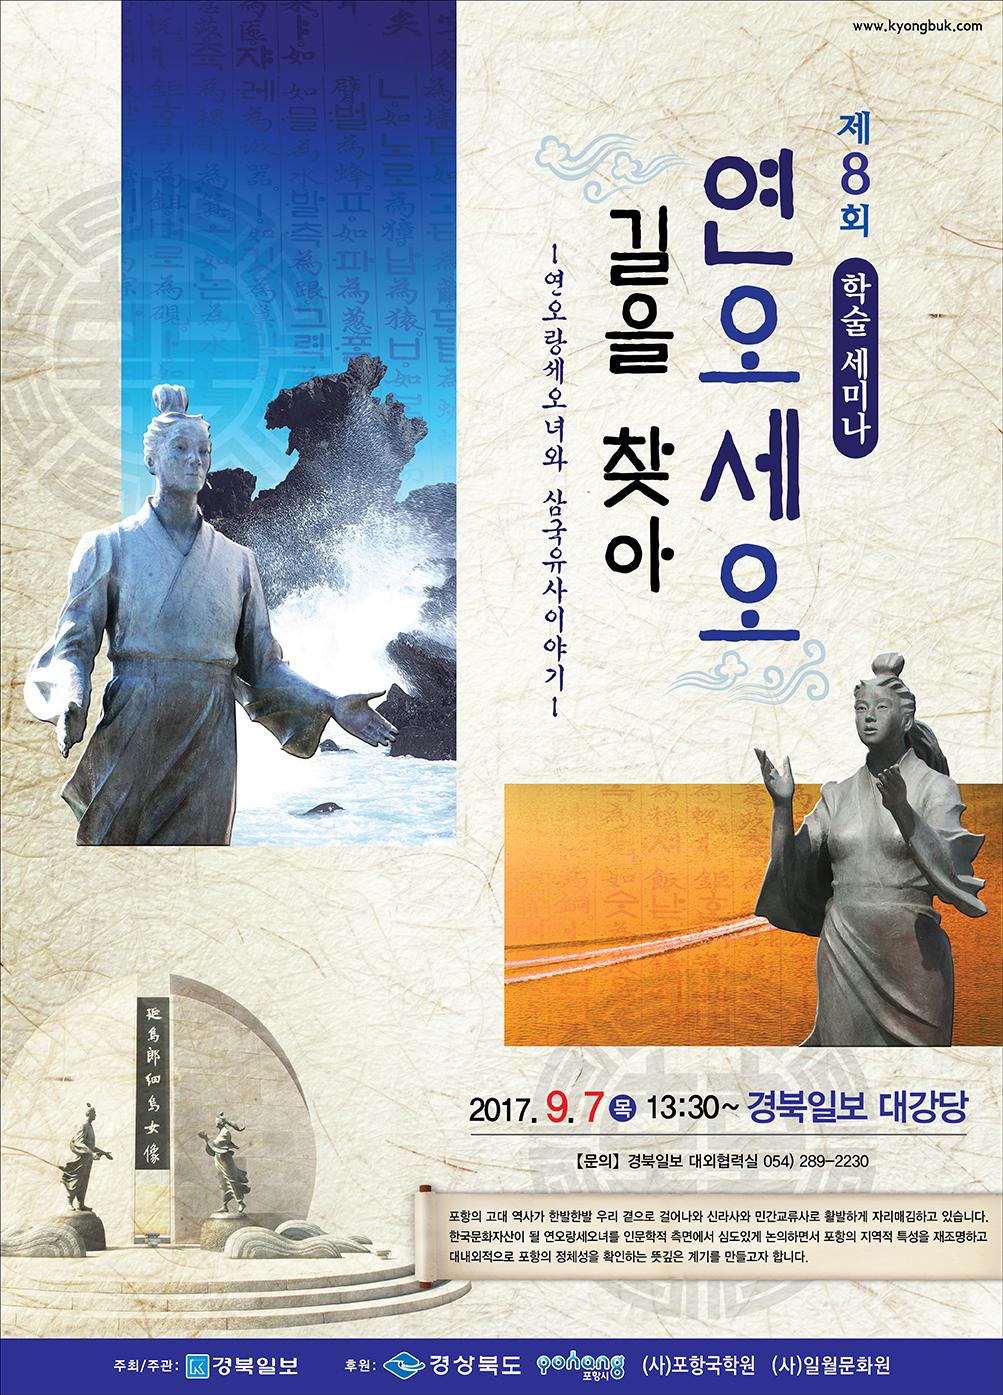 2017_제8회 연오세오길을 찾아 학술세미나_pop.jpg